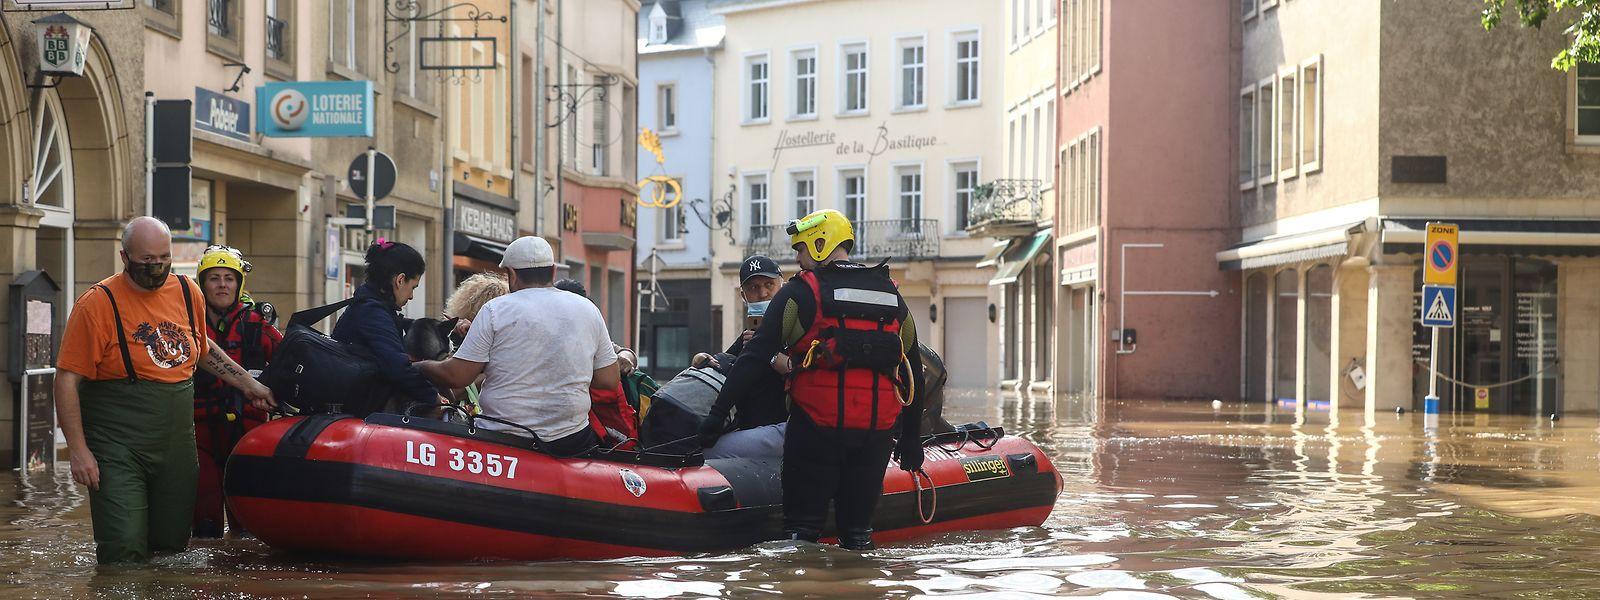 """""""Wenn man bereits bis zu den Knien im Wasser steht, kann man nicht mehr von einem Krisenmanagement sprechen"""", kritisiert Umweltwissenschaftler Jeff Da Costa."""